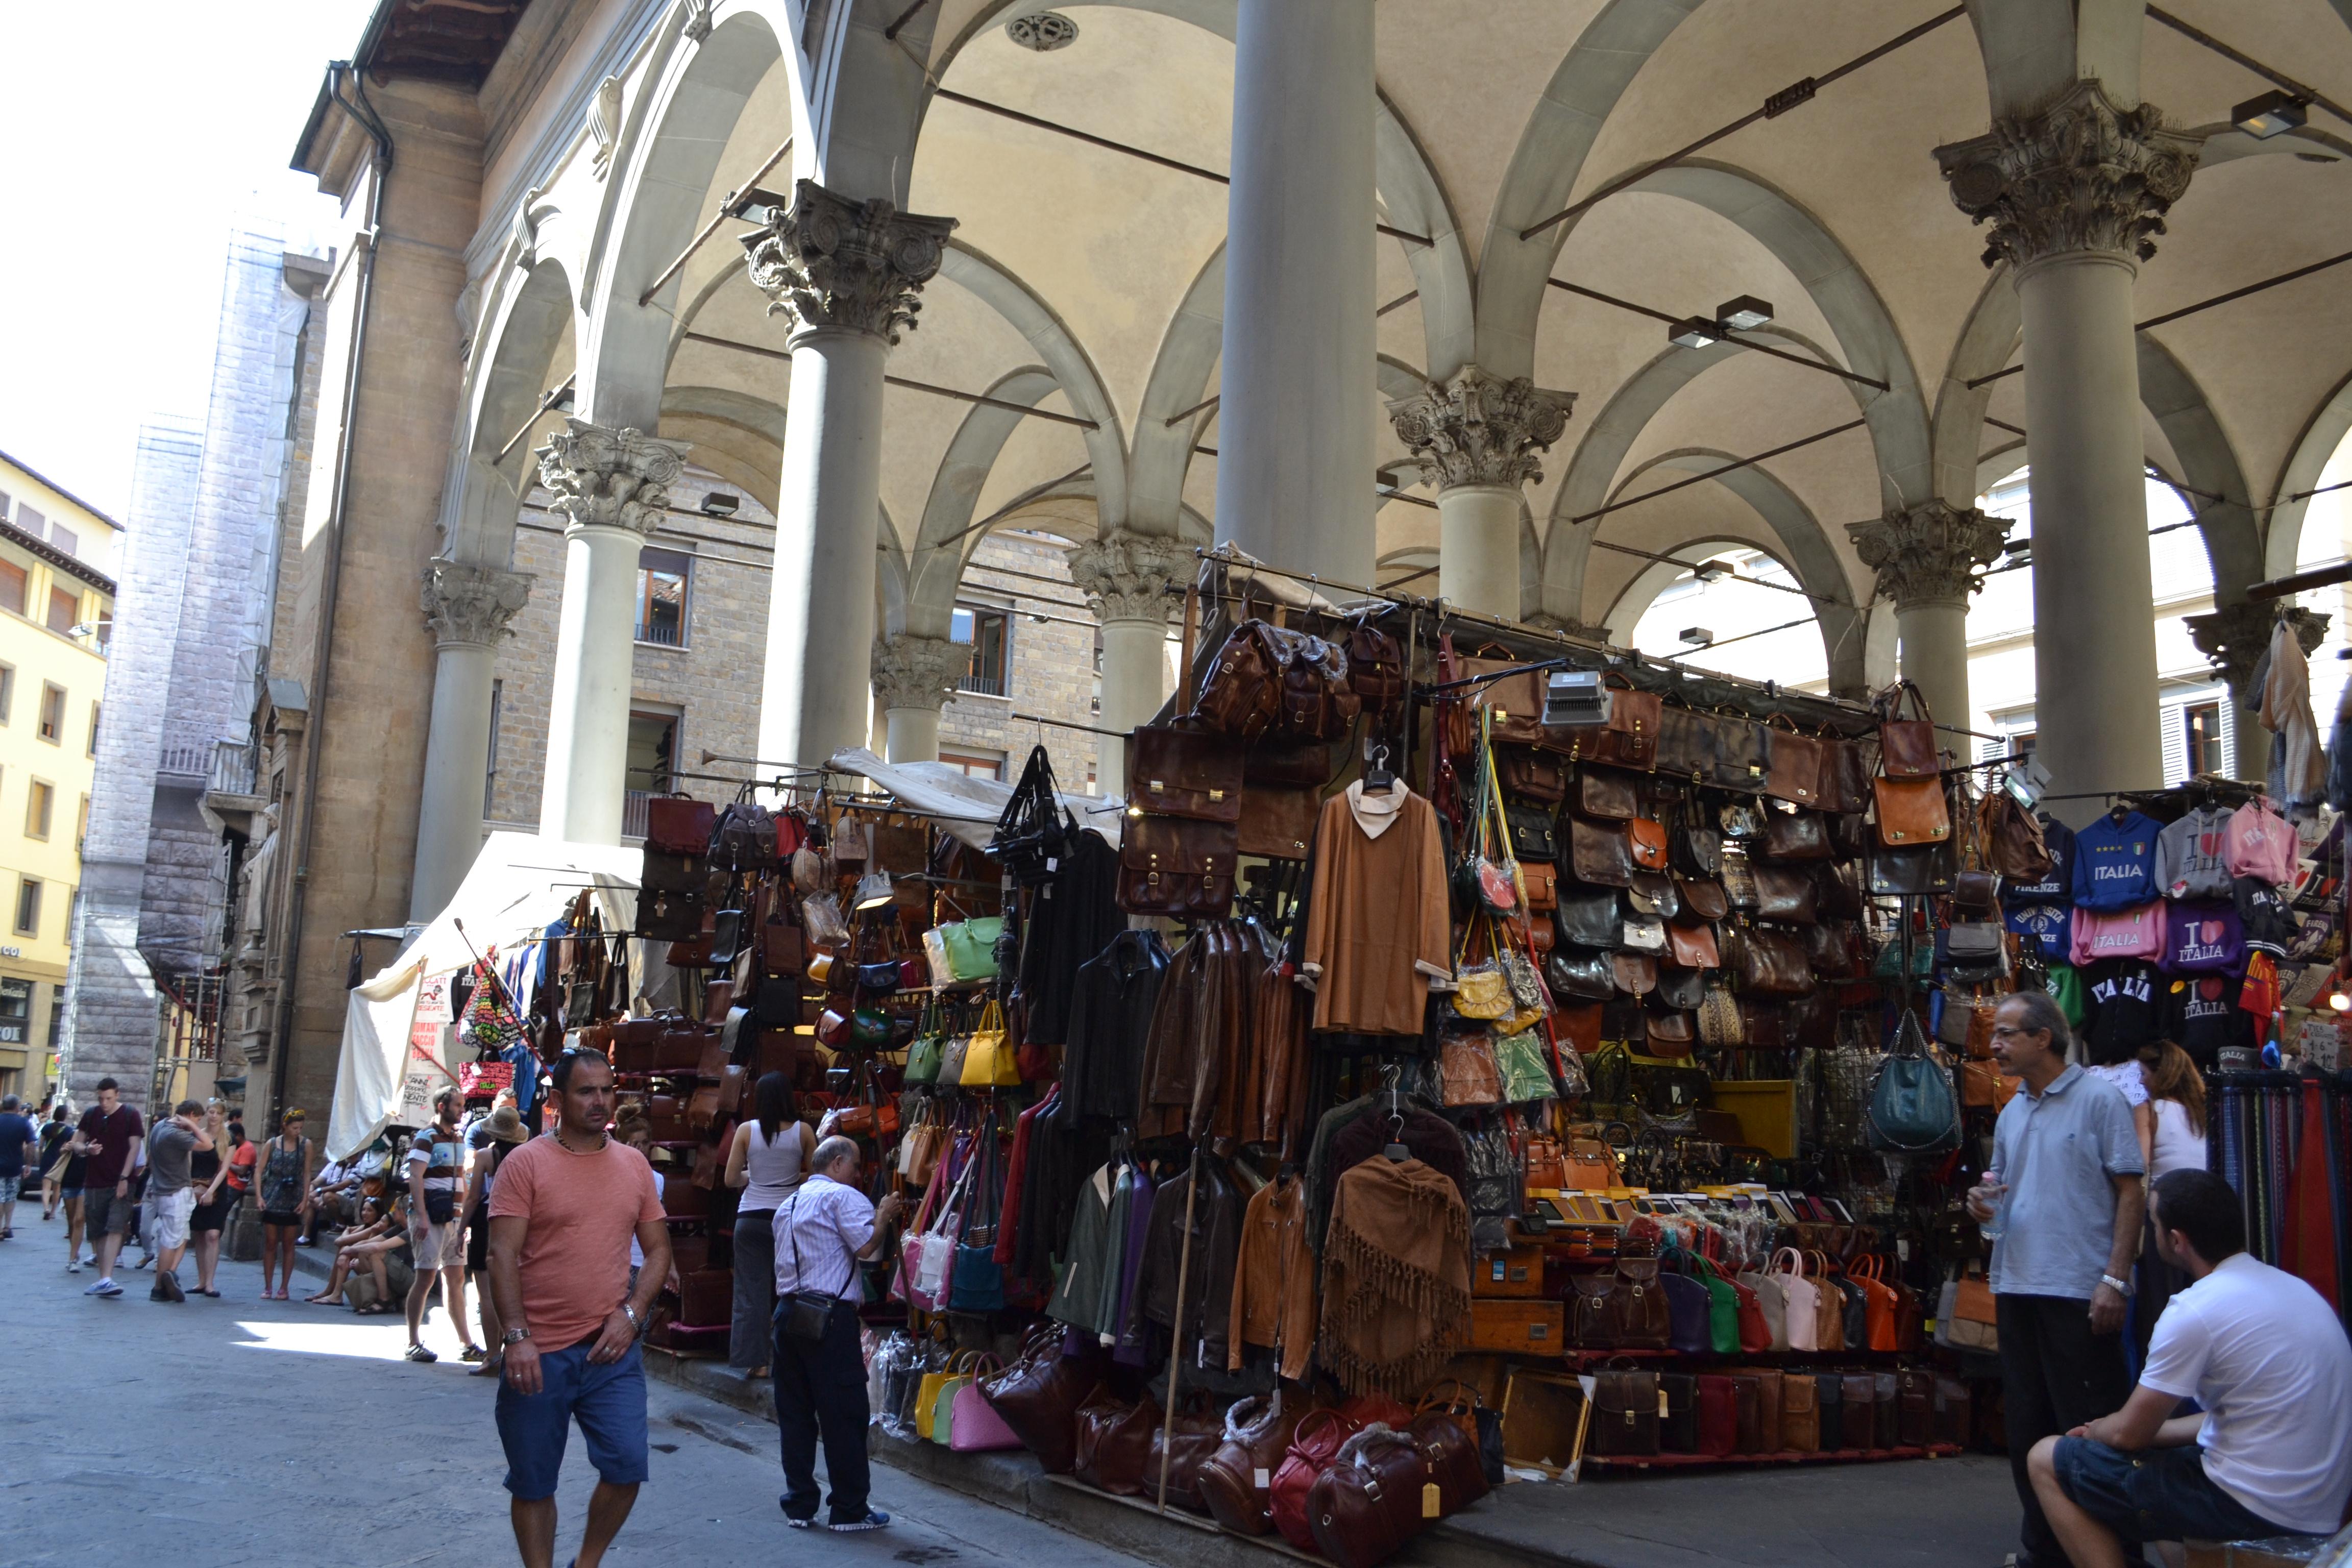 f2afcbbba Junto a esta maravillosa plaza podéis encontrar una de las tiendas vintage  con más estilo de Florencia: TWIN SET. Moda vintage exclusiva pero con un  toque ...